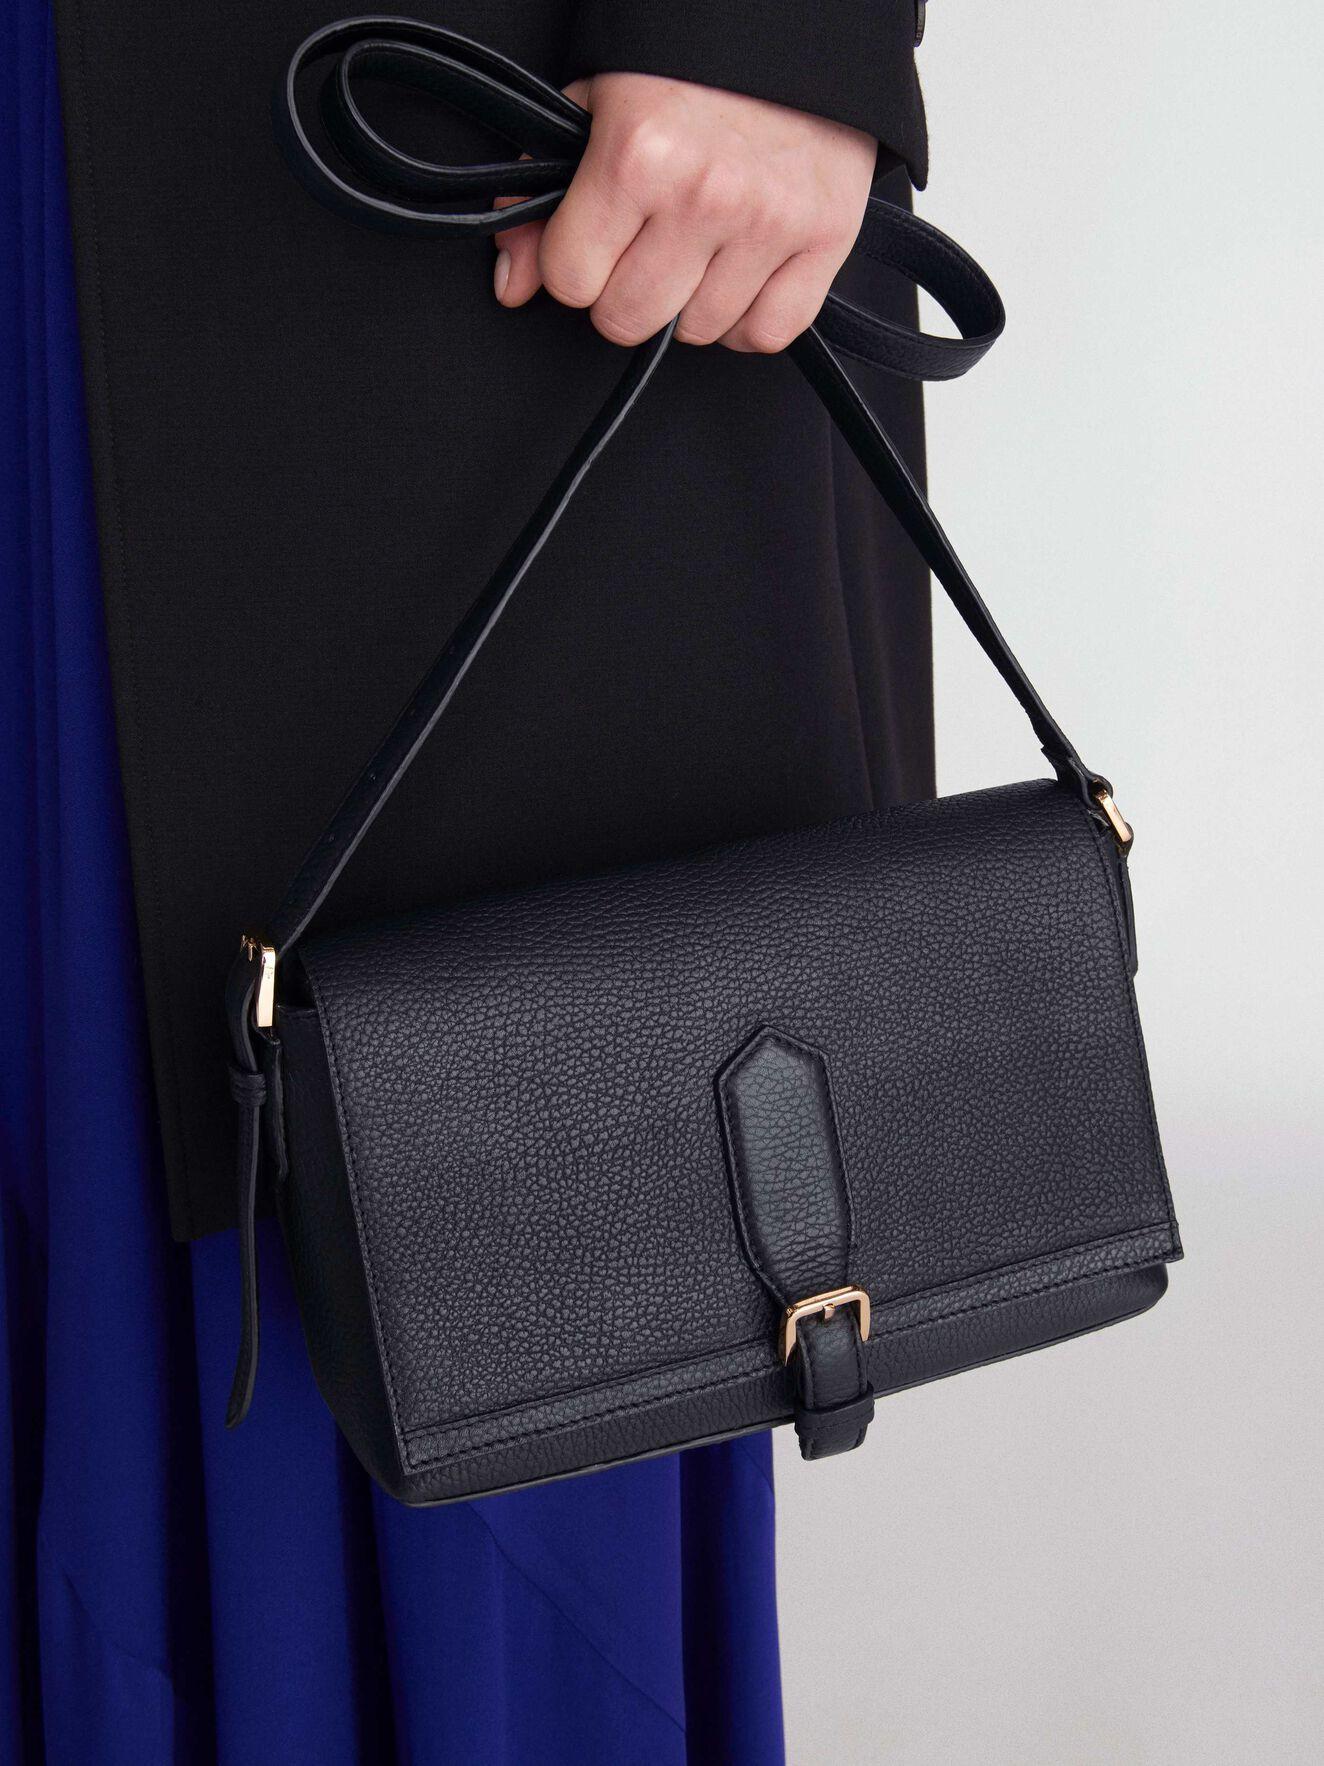 Bonnelli Bag in Black from Tiger of Sweden